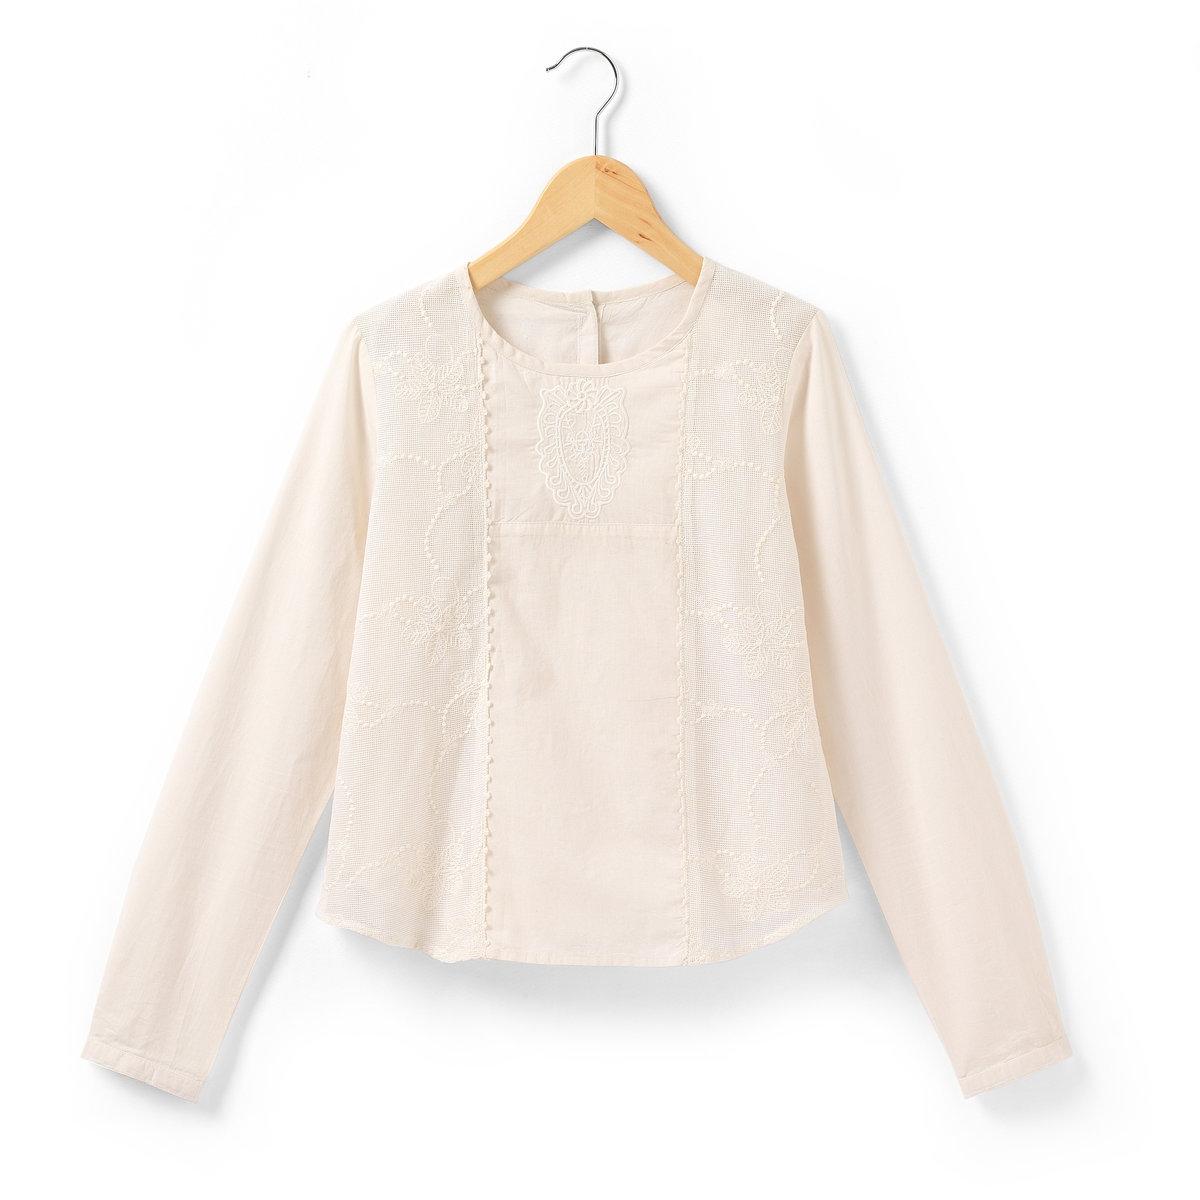 Блузка с длинными рукавамиБлузка с длинными рукавами из 100% хлопка. Вы оцените женственность каждой детали этой блузки: кружевные вставки по бокам спереди и вышивка под вырезом горловины. Застежка и низ рукавов на пуговицах.<br><br>Цвет: экрю